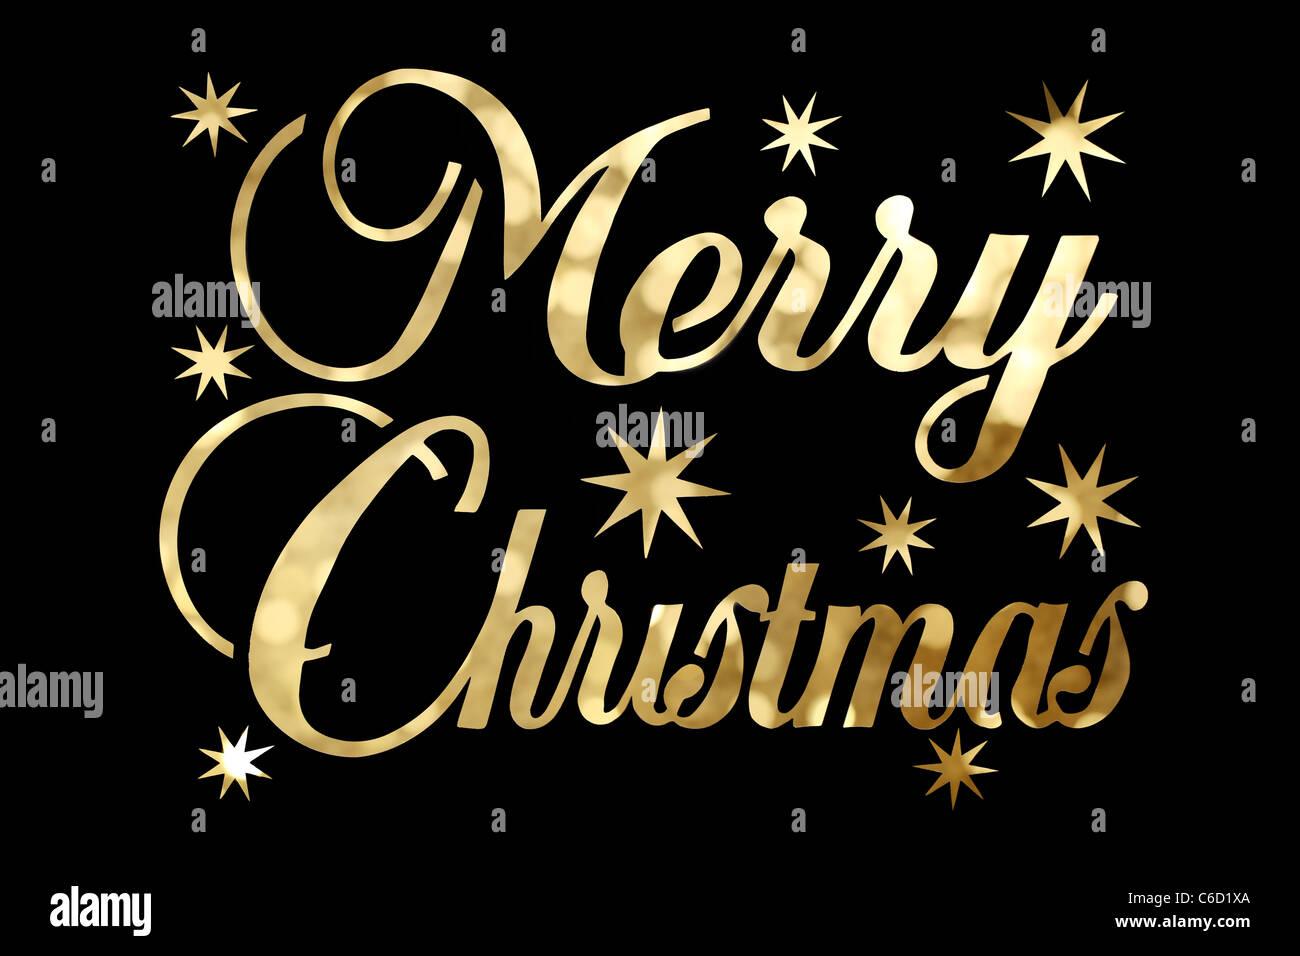 Goldene Frohe Weihnachten Zeichen auf schwarzem Hintergrund isoliert ...